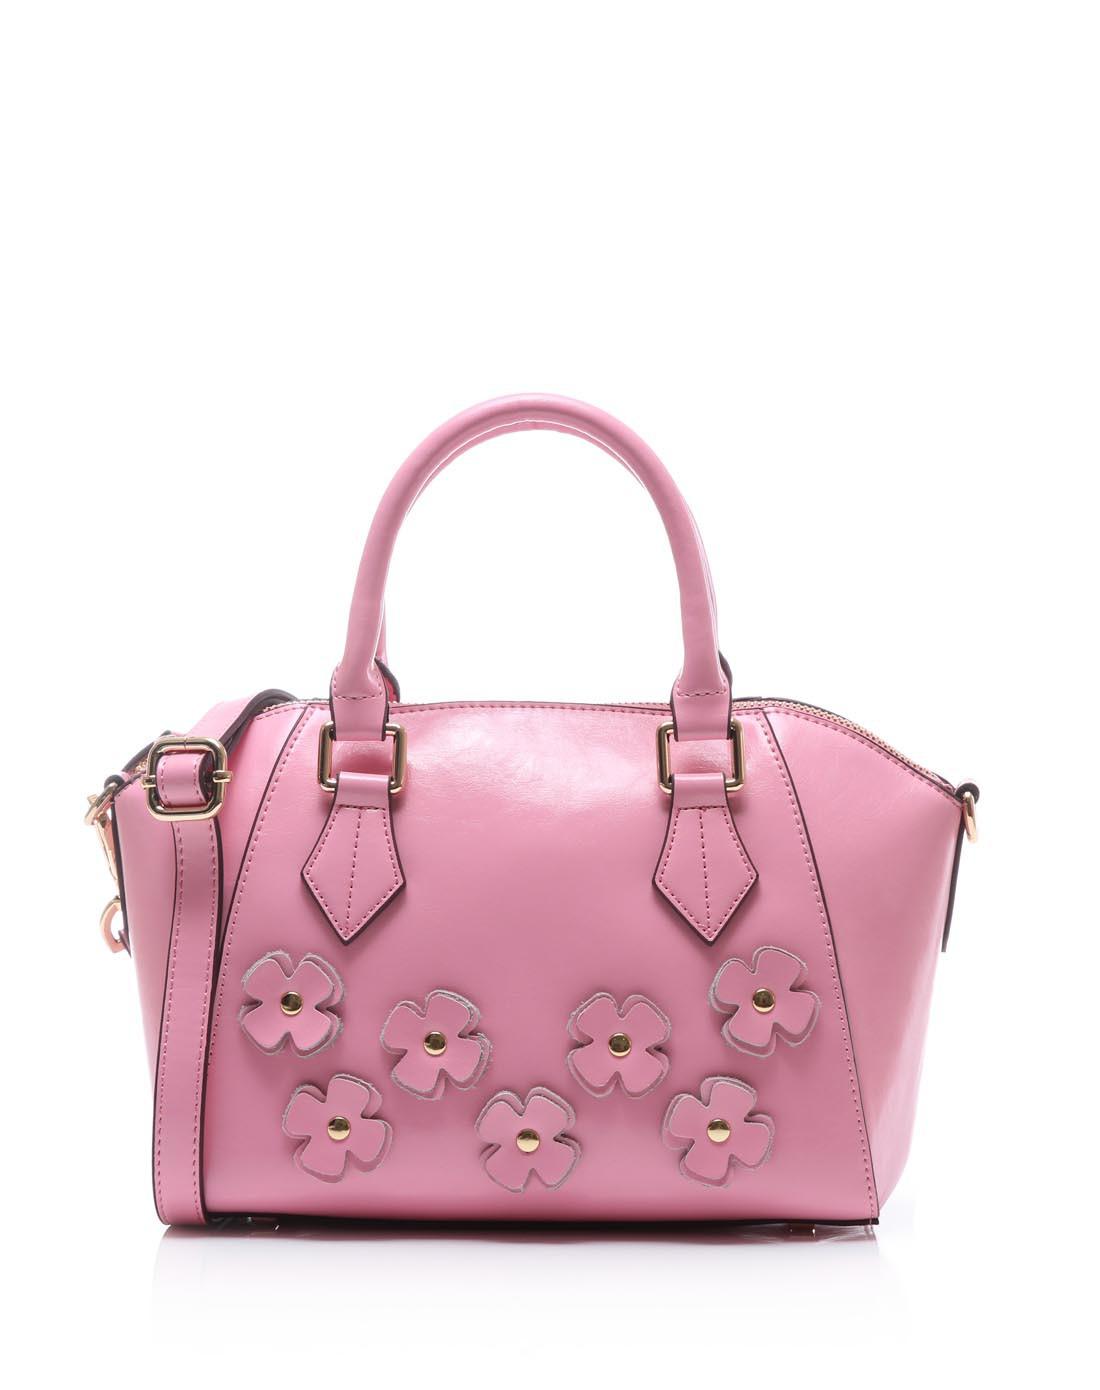 时尚可爱粉色手提斜挎包